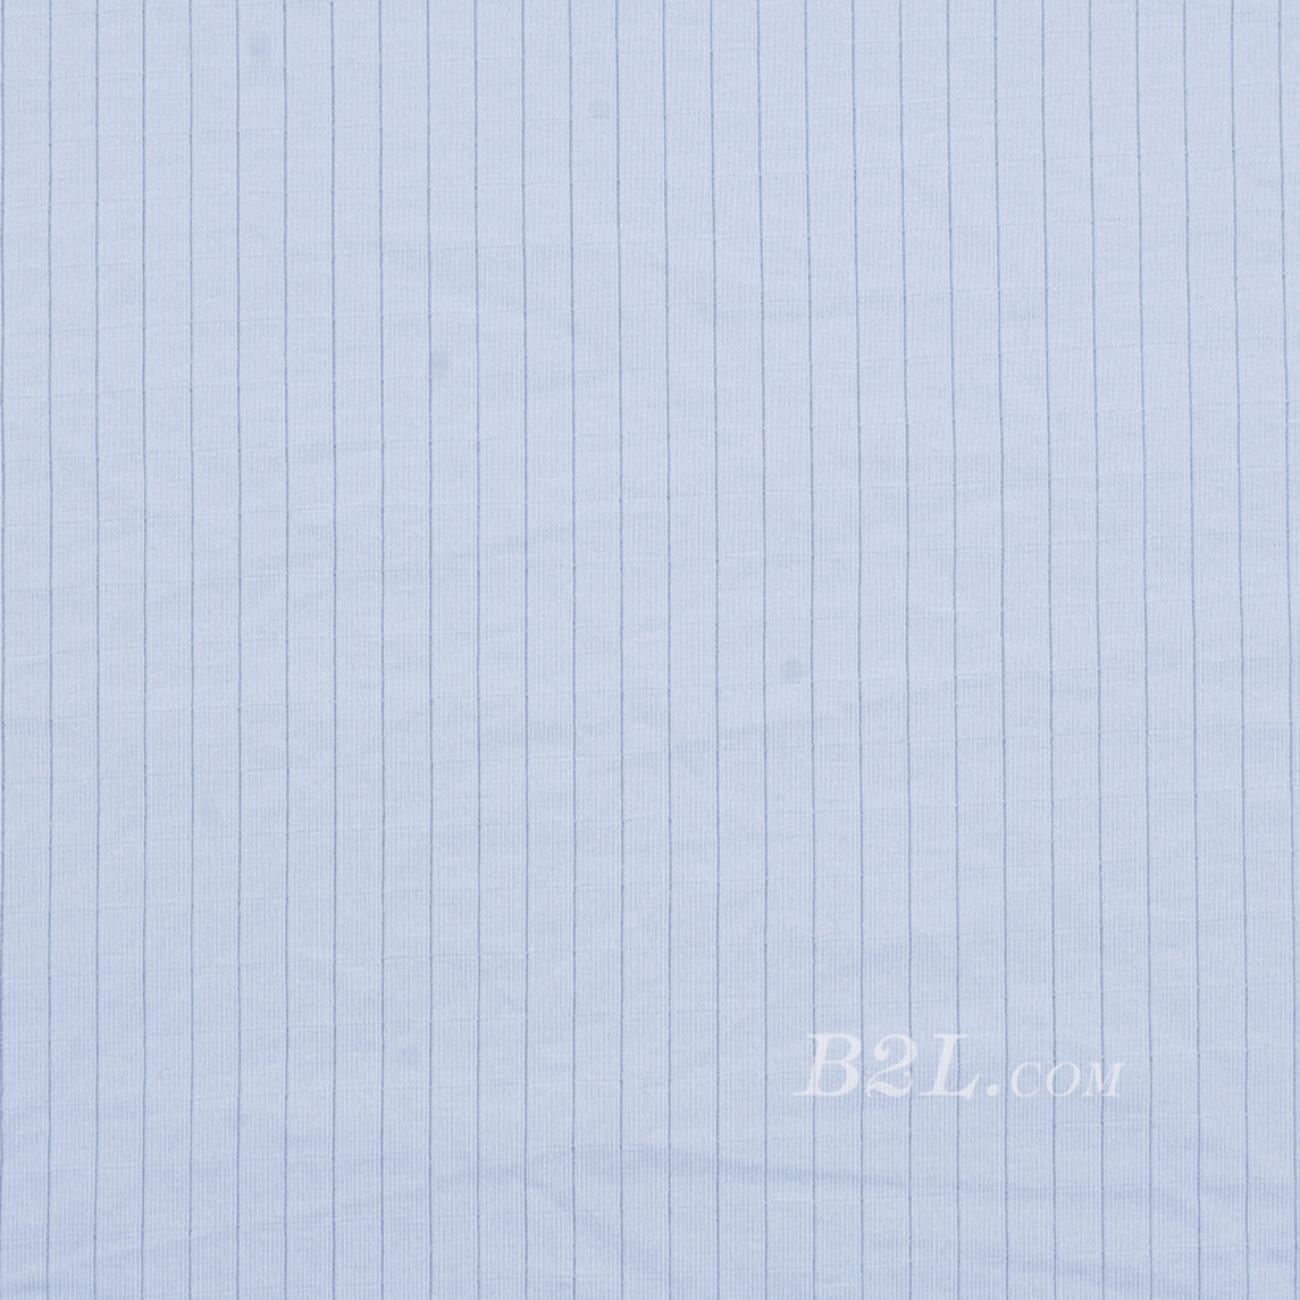 条纹 针织 染色 低弹 春秋 连衣裙 时装 90304-16